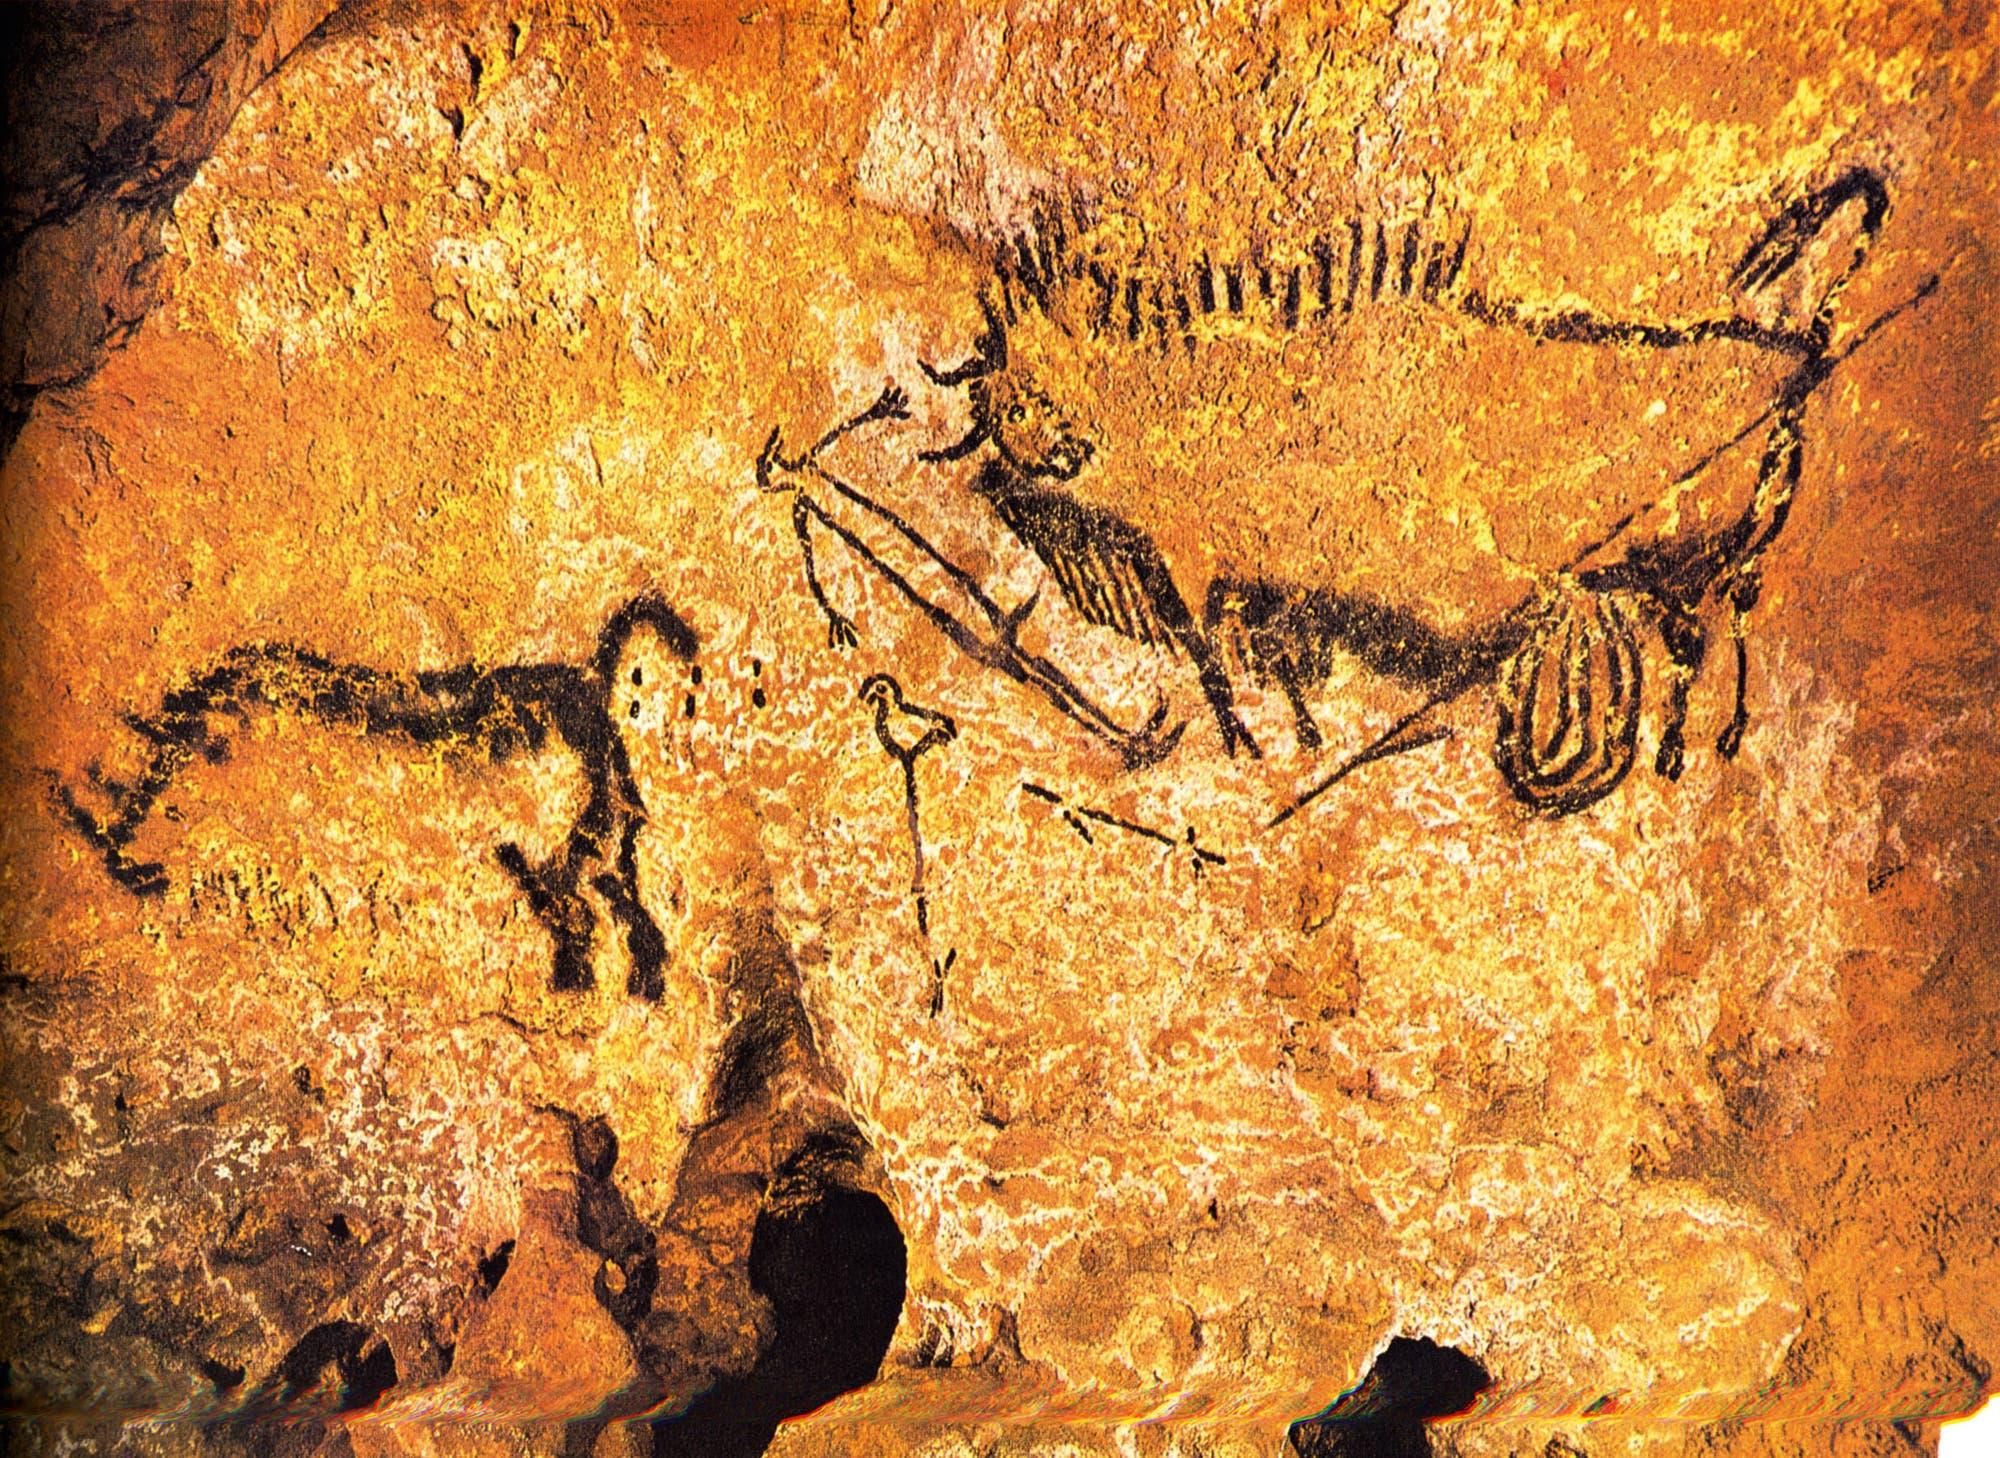 Brunnenszene in der Höhle von Lascaux